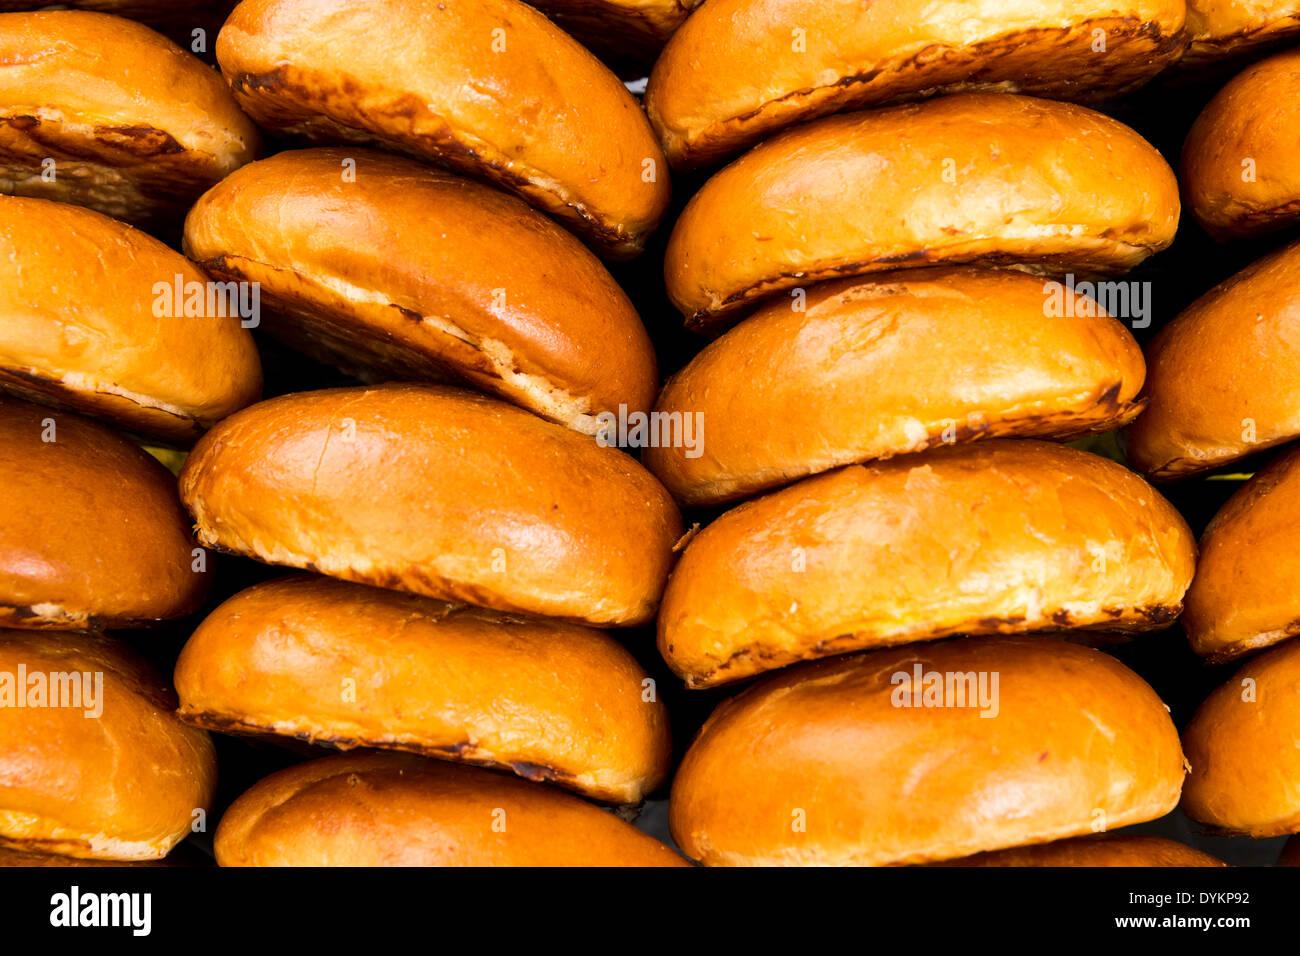 uk bread market